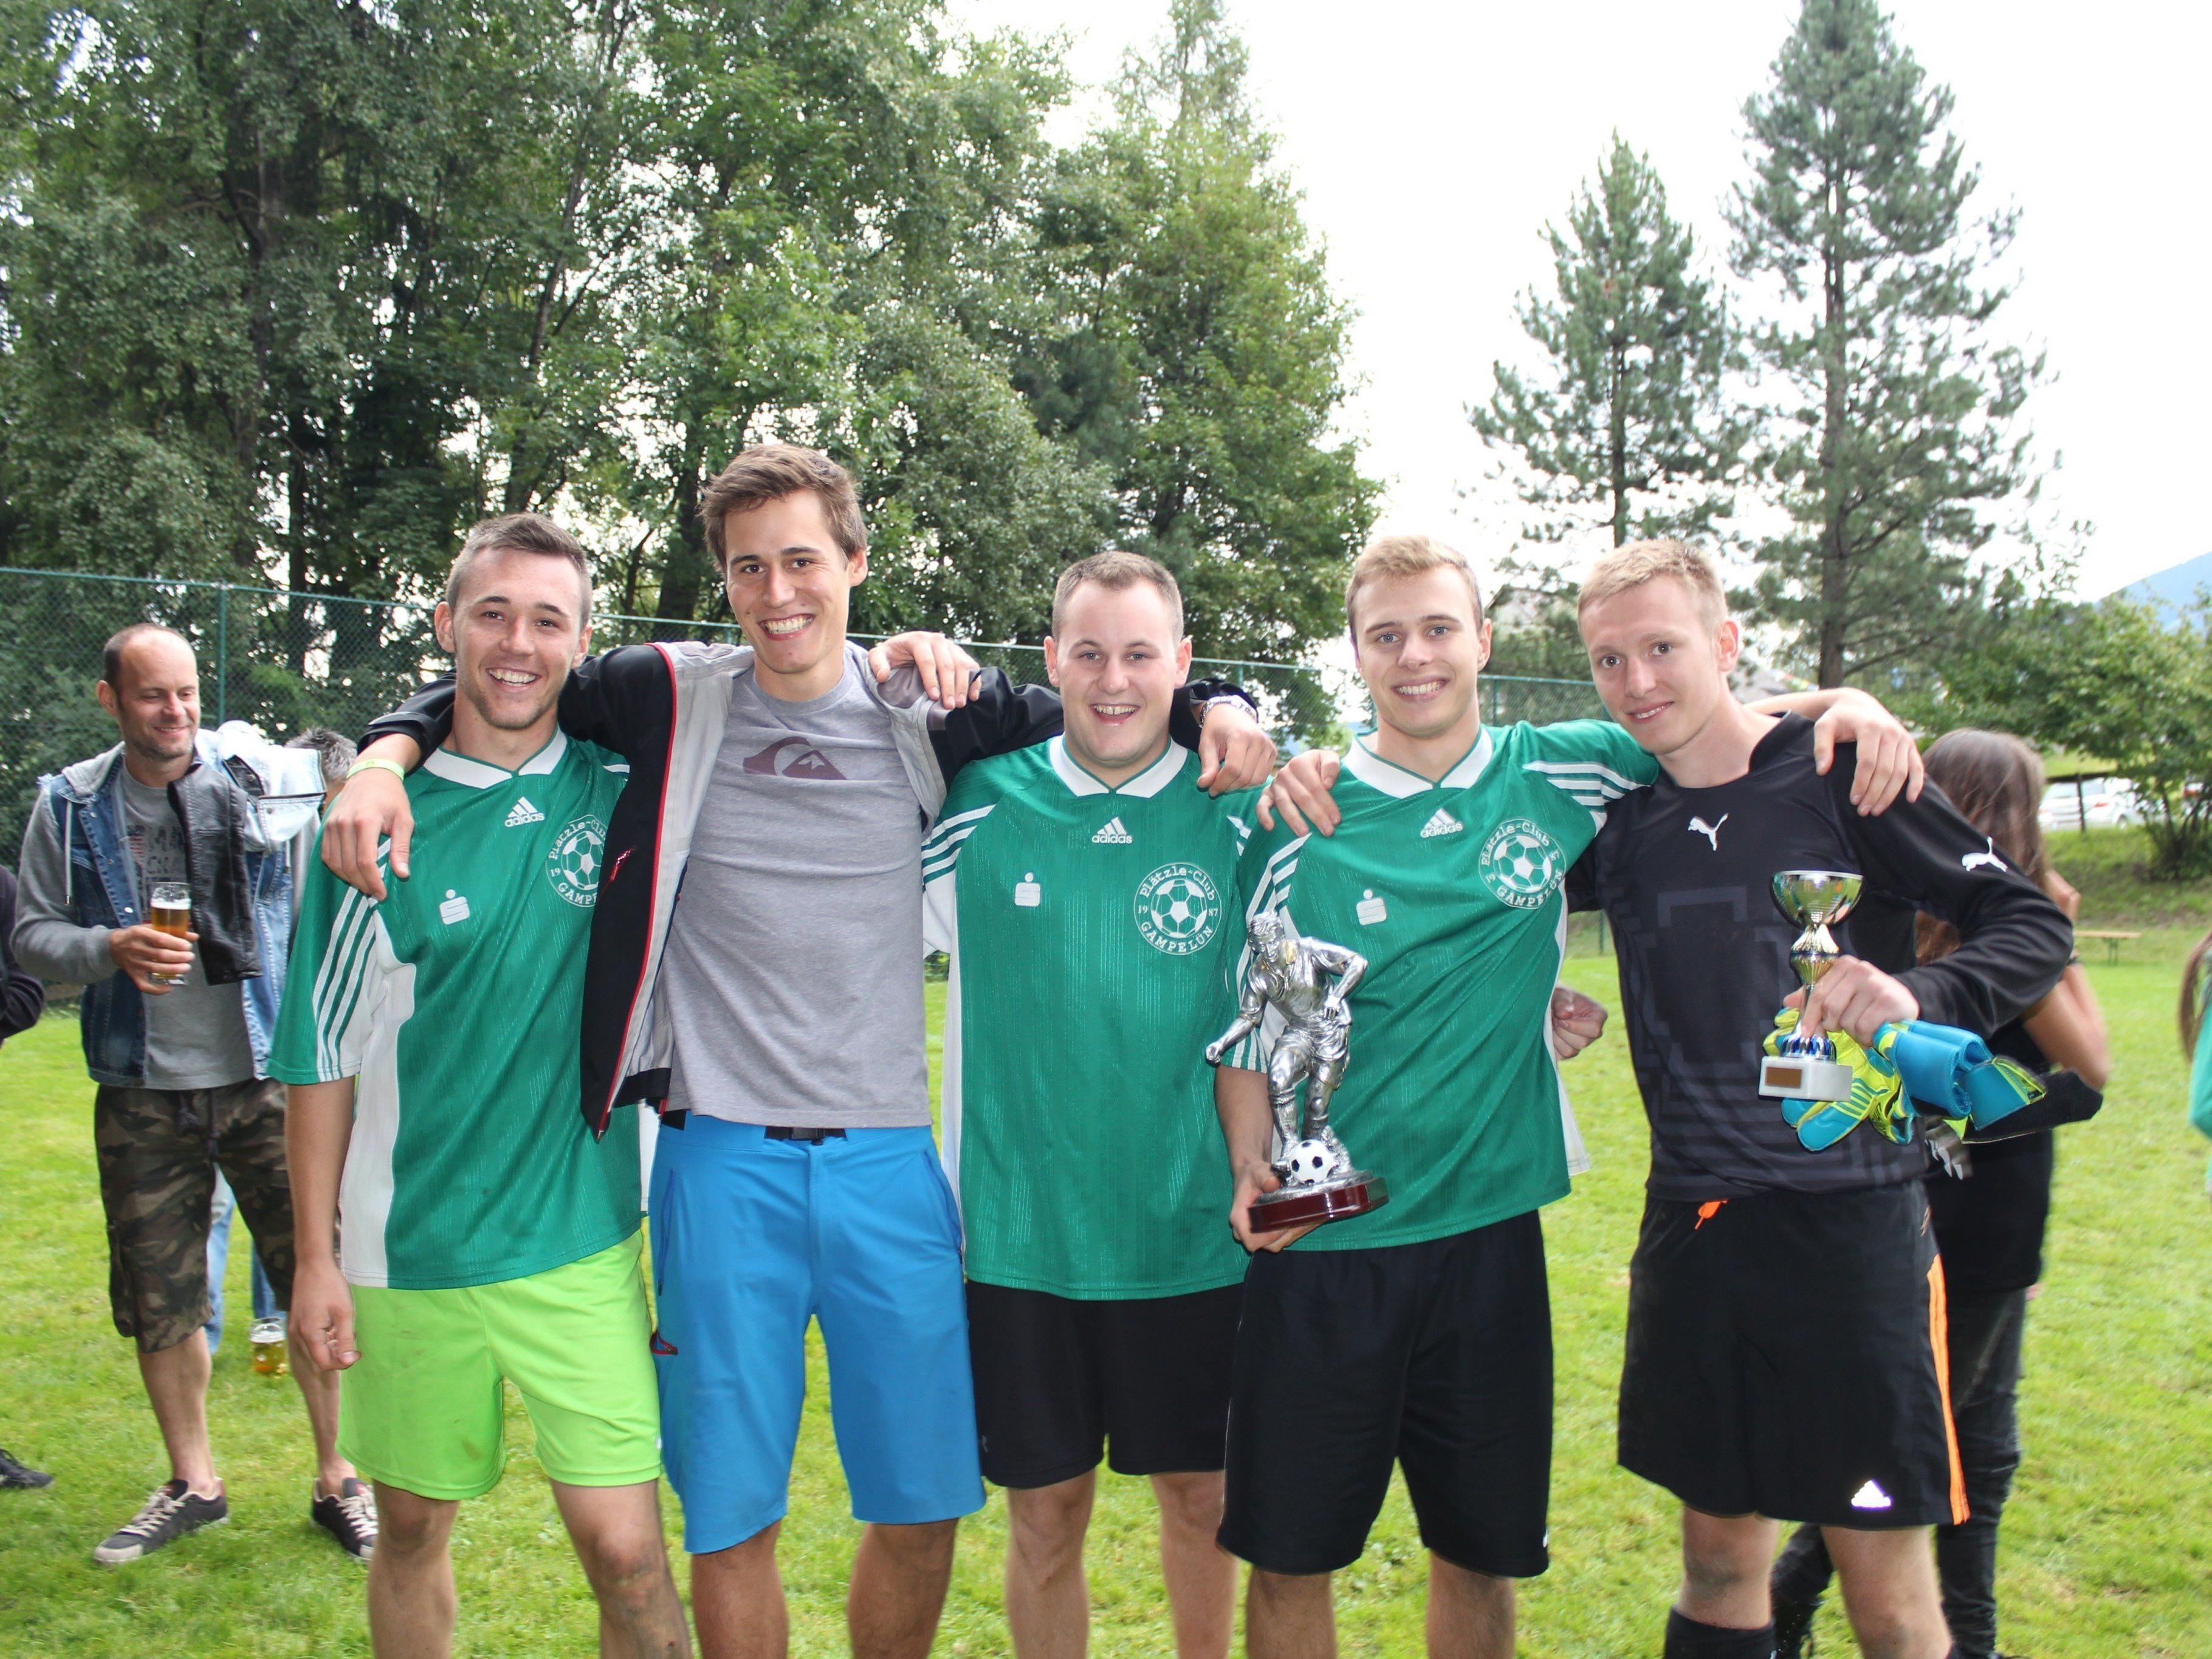 Patrick Schmölzer, Claudio Ender, Manuel Gragl, Christof Tschäbi und Simon Maier freuten sich über den Turniersieg.